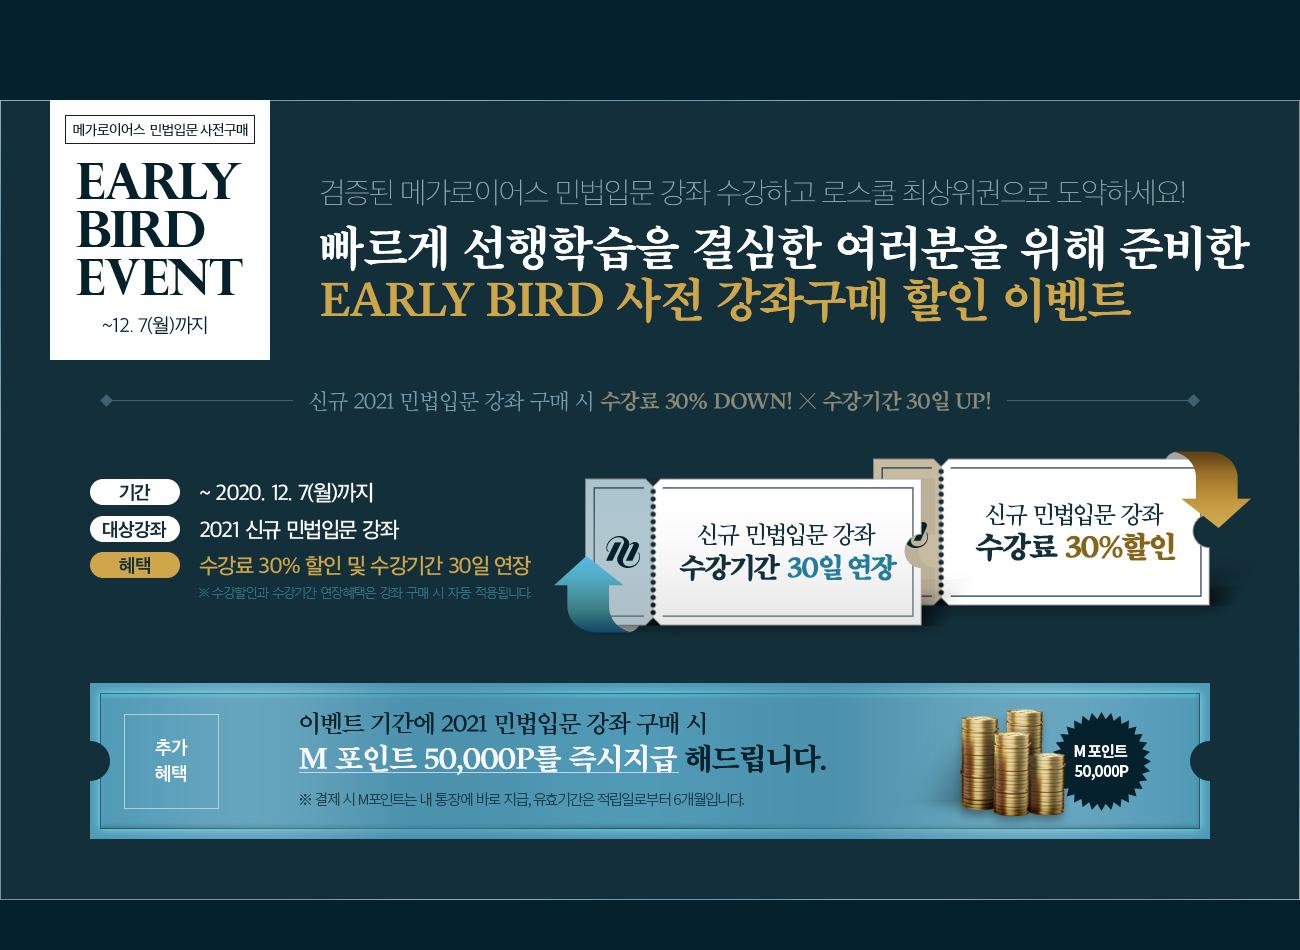 EARLY BIRD 사전 강좌구매 할인 이벤트